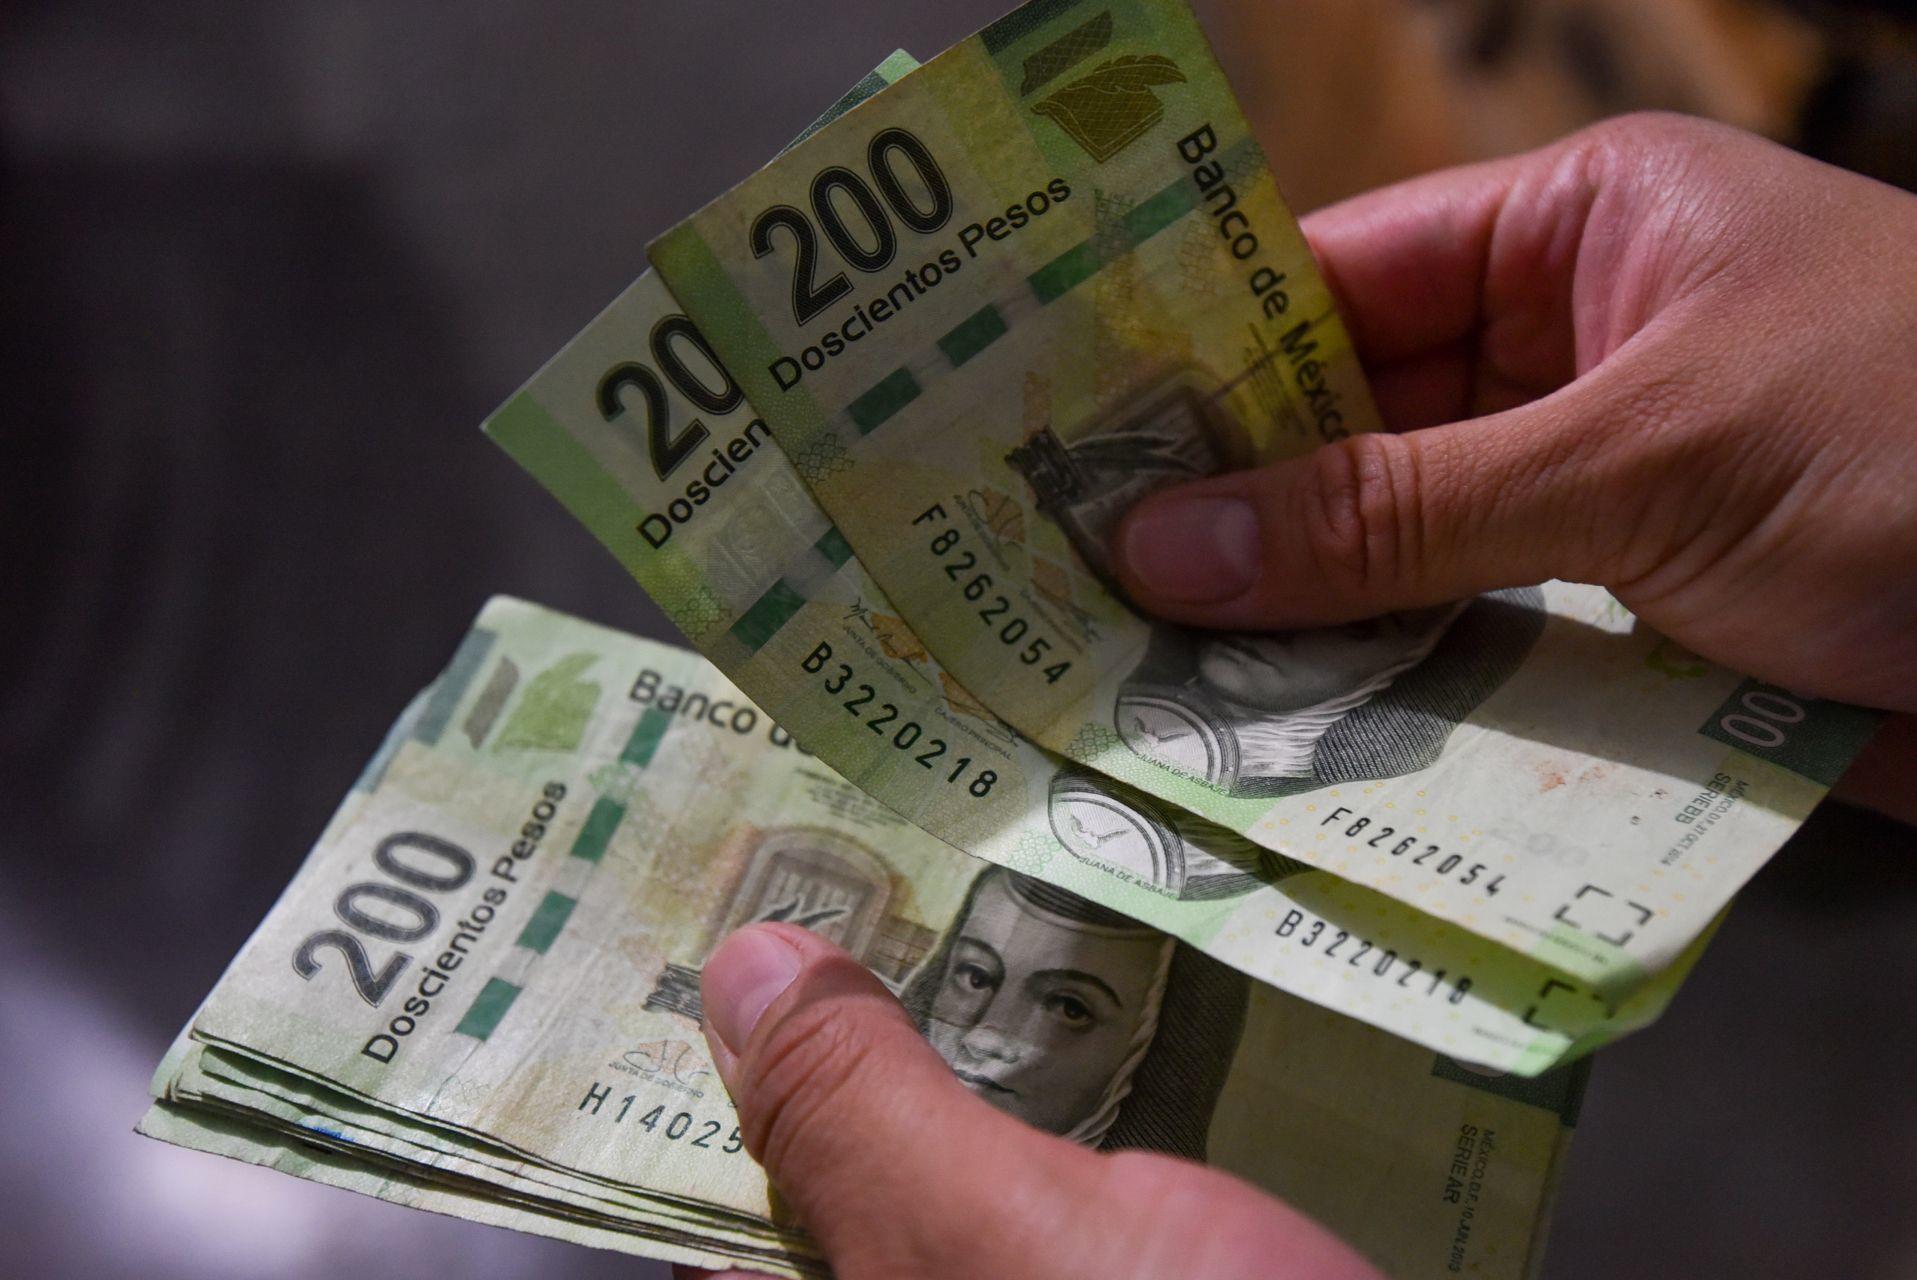 La economía mexicana avanza 0.4% trimestral en el 1T2021 de acuerdo con la estimación oportuna del PIB